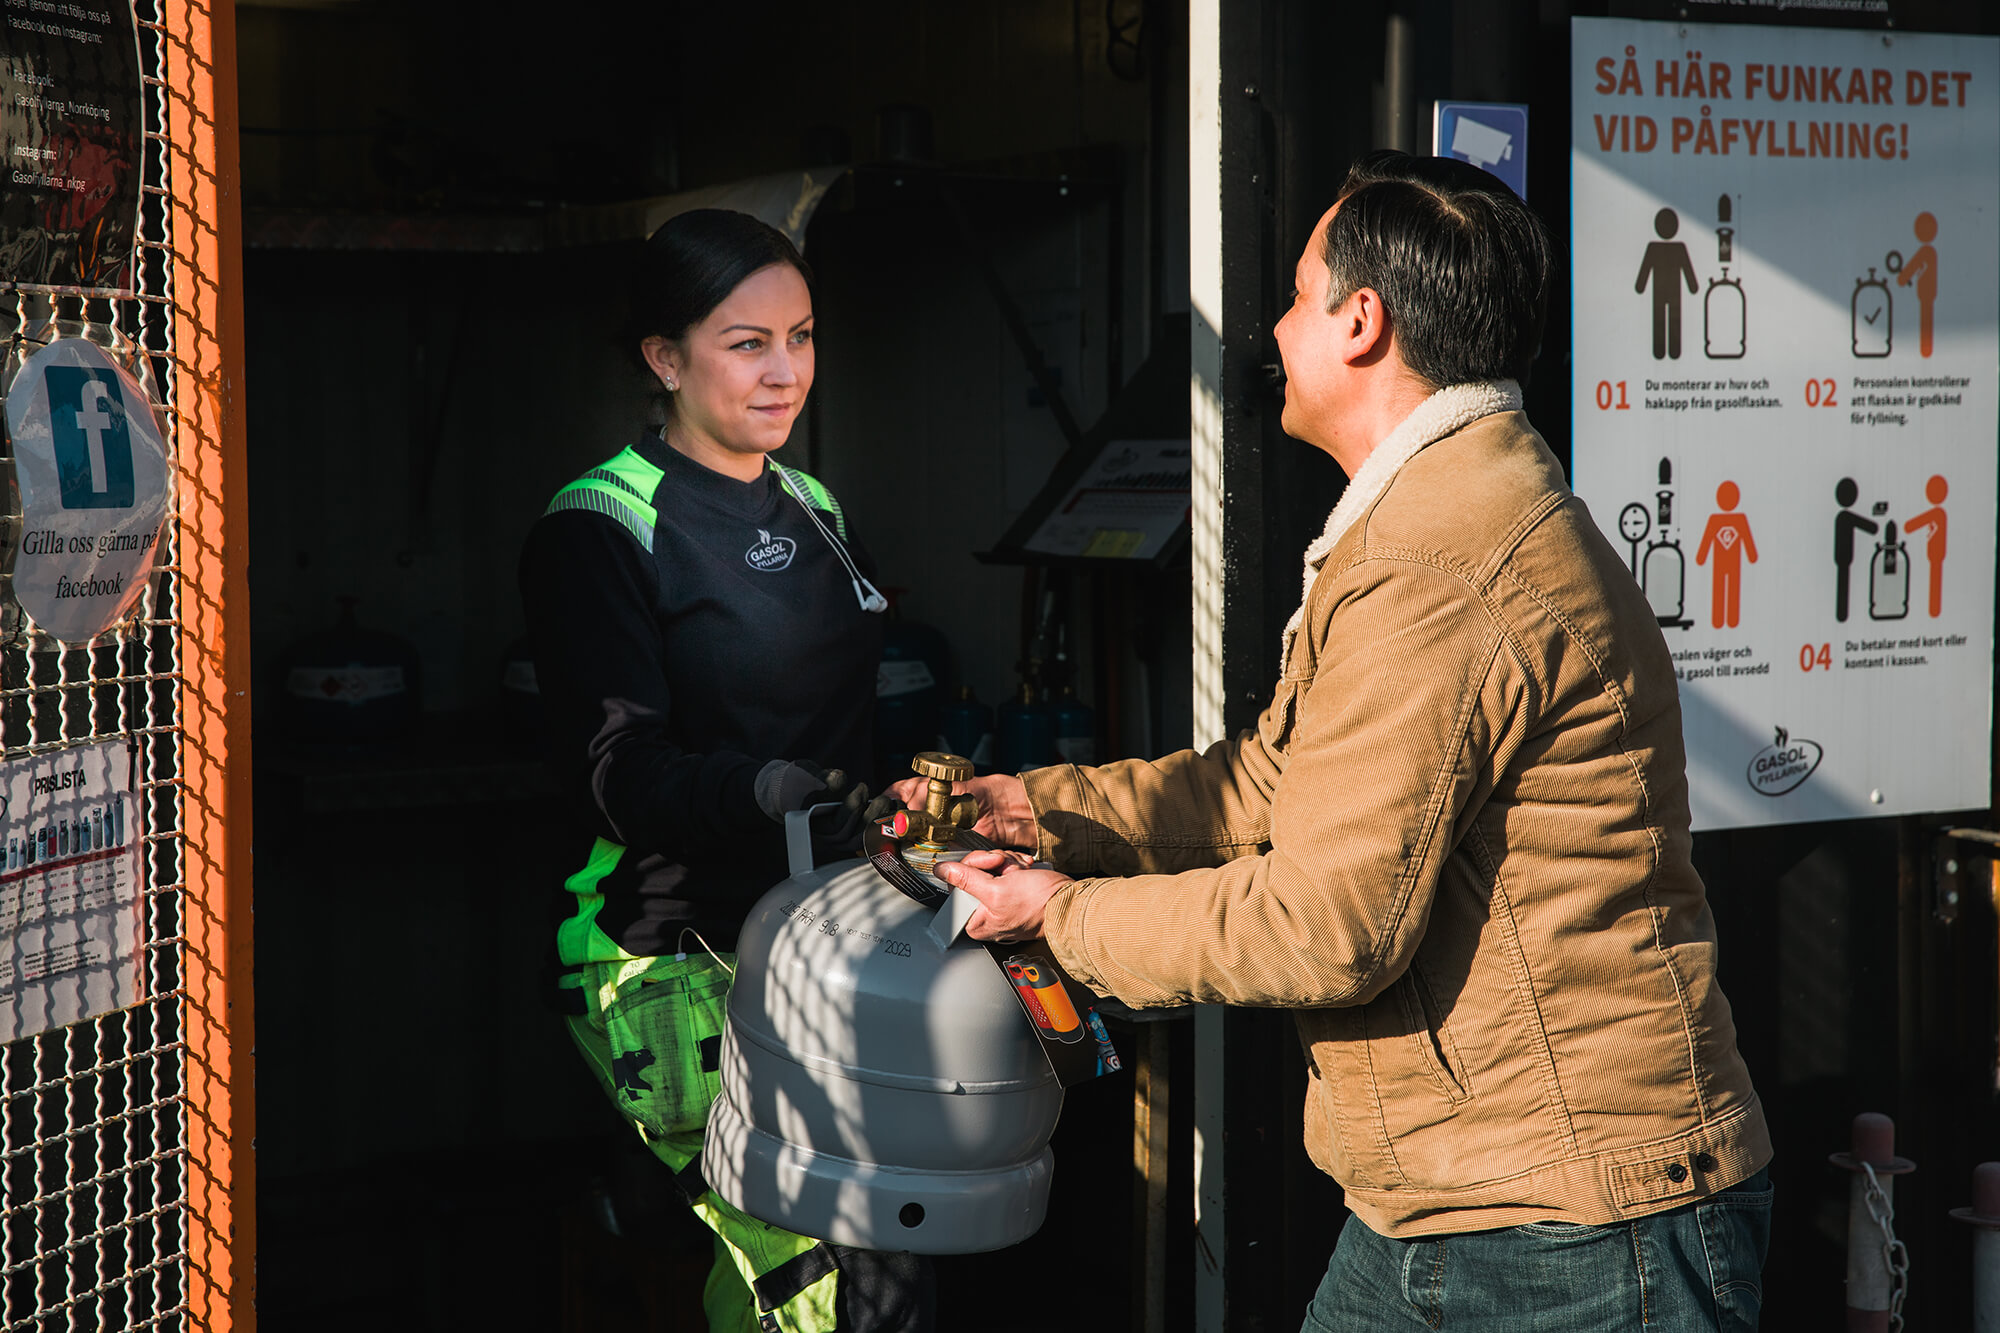 Kvinna ger en gasolflaska till en man